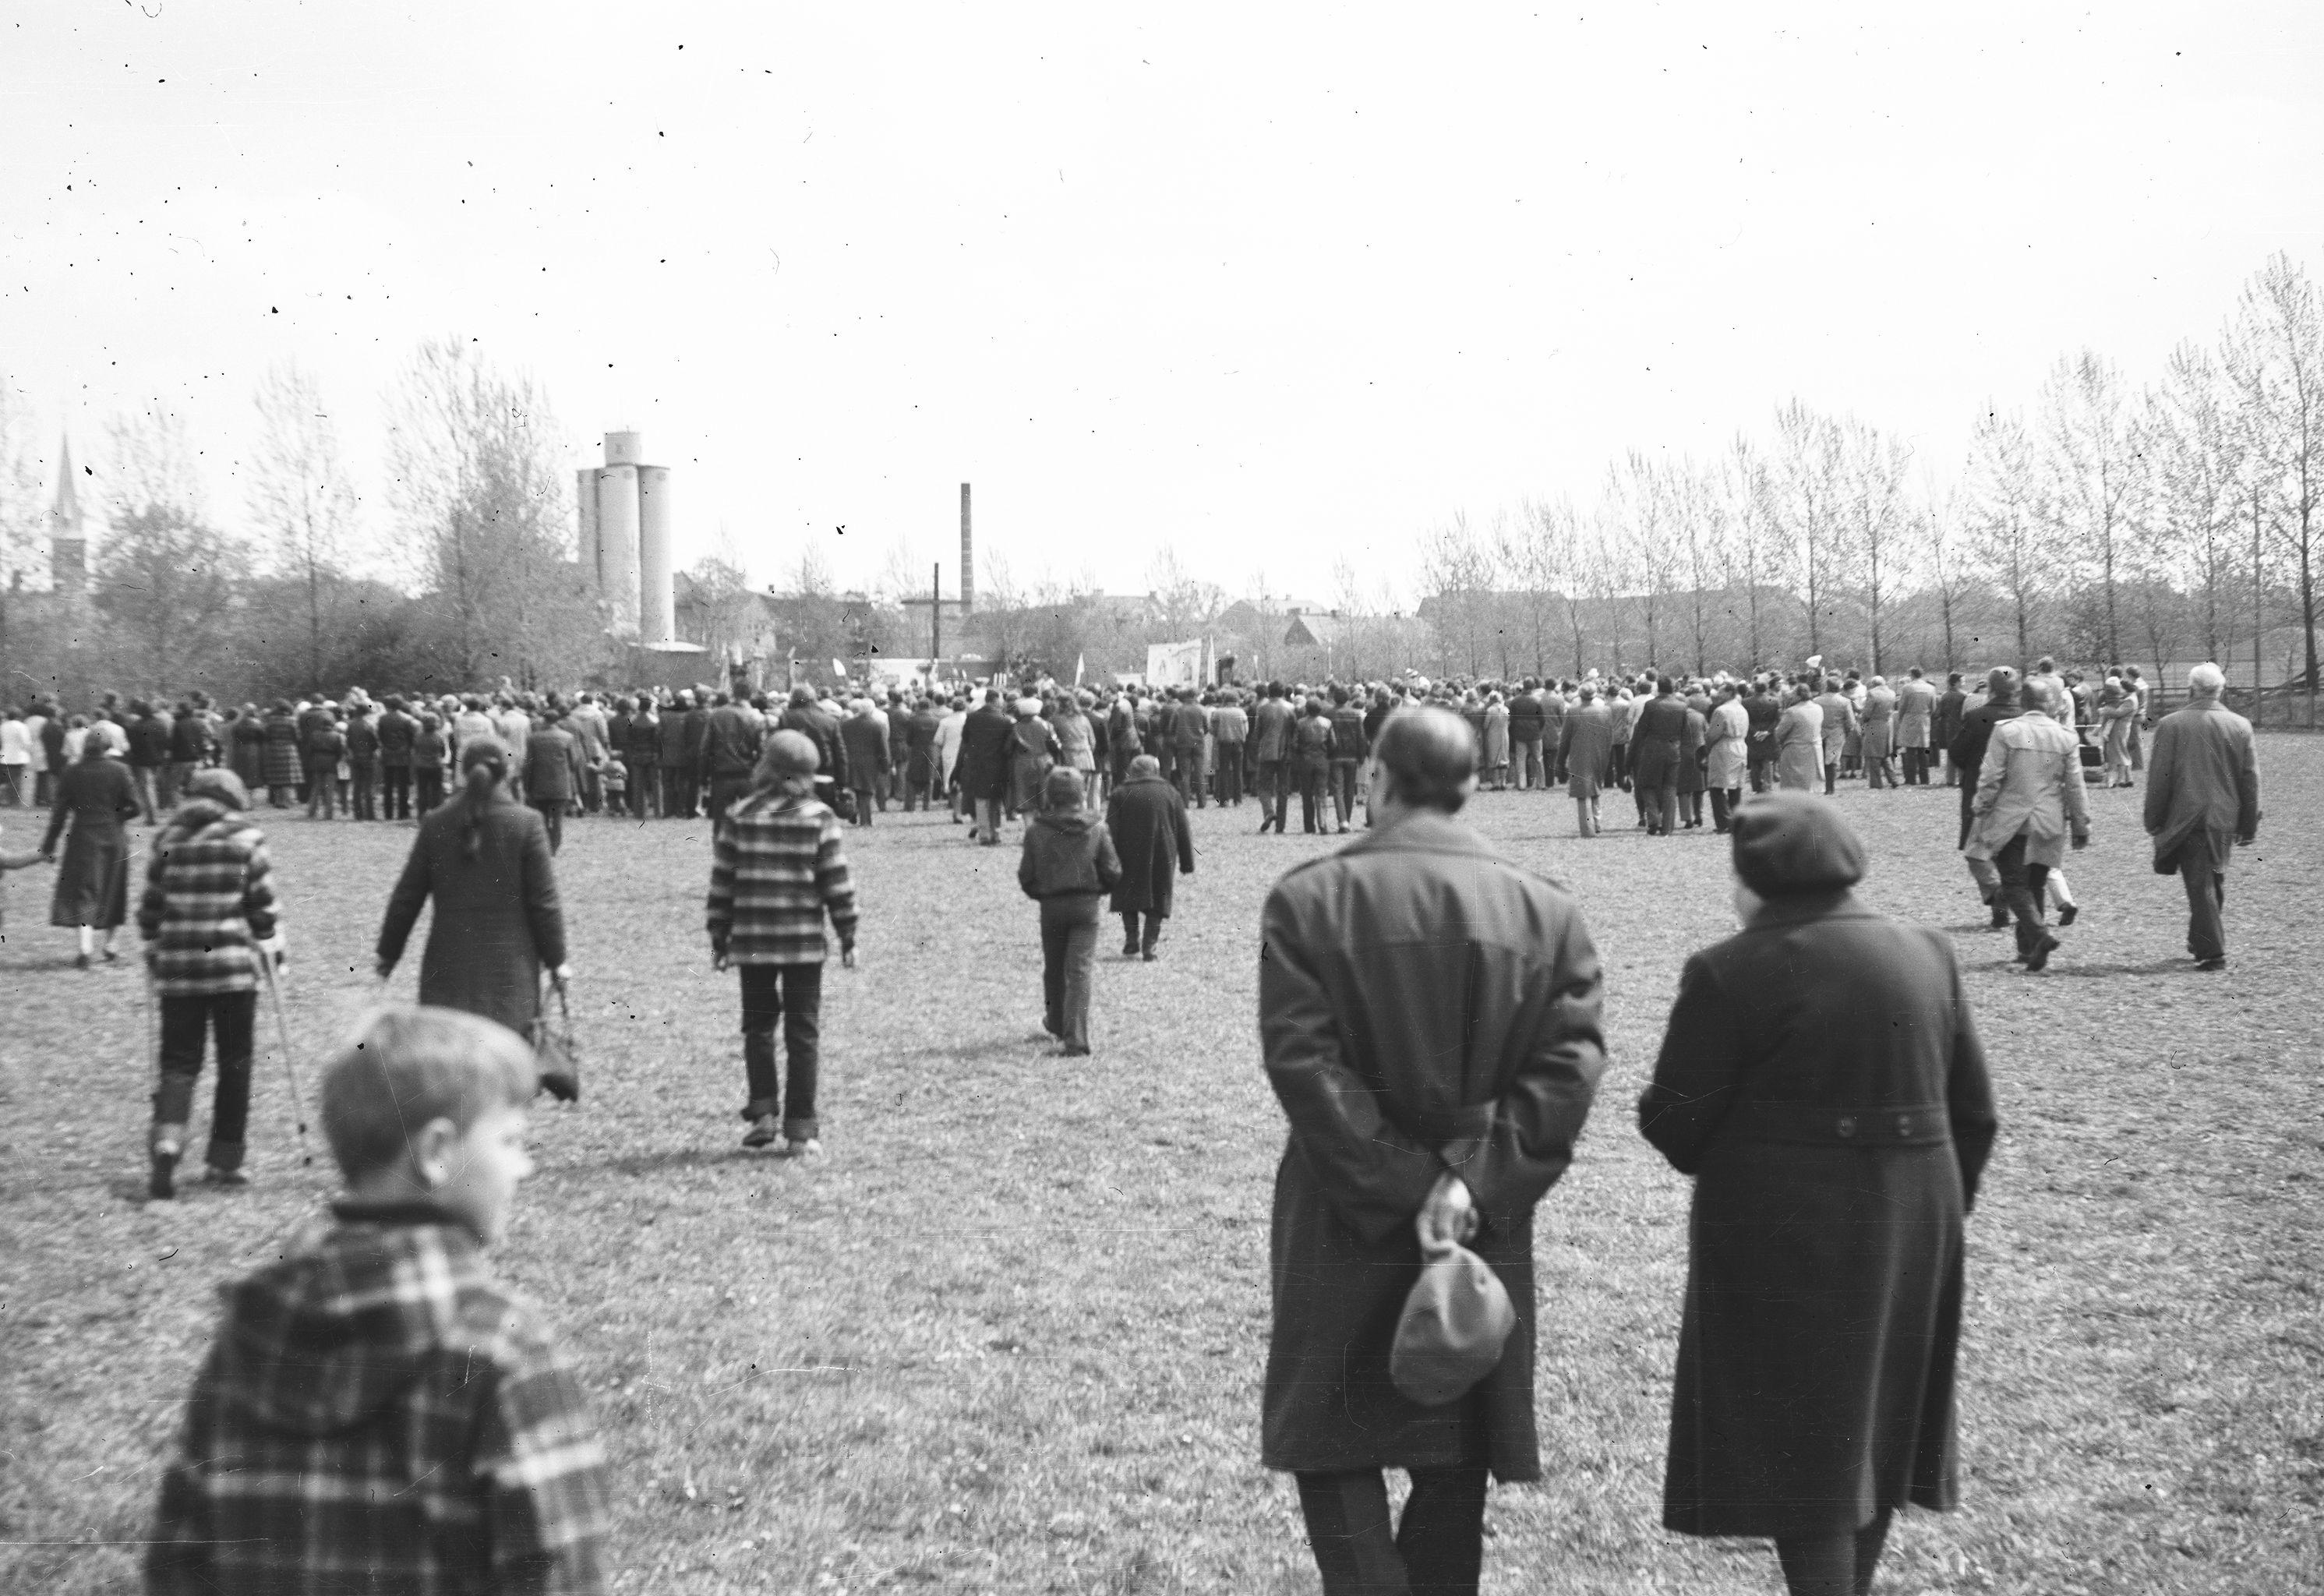 Msza Święta na stadionie, Wińsko, Dolny Śląsk, lata 80. XX w.